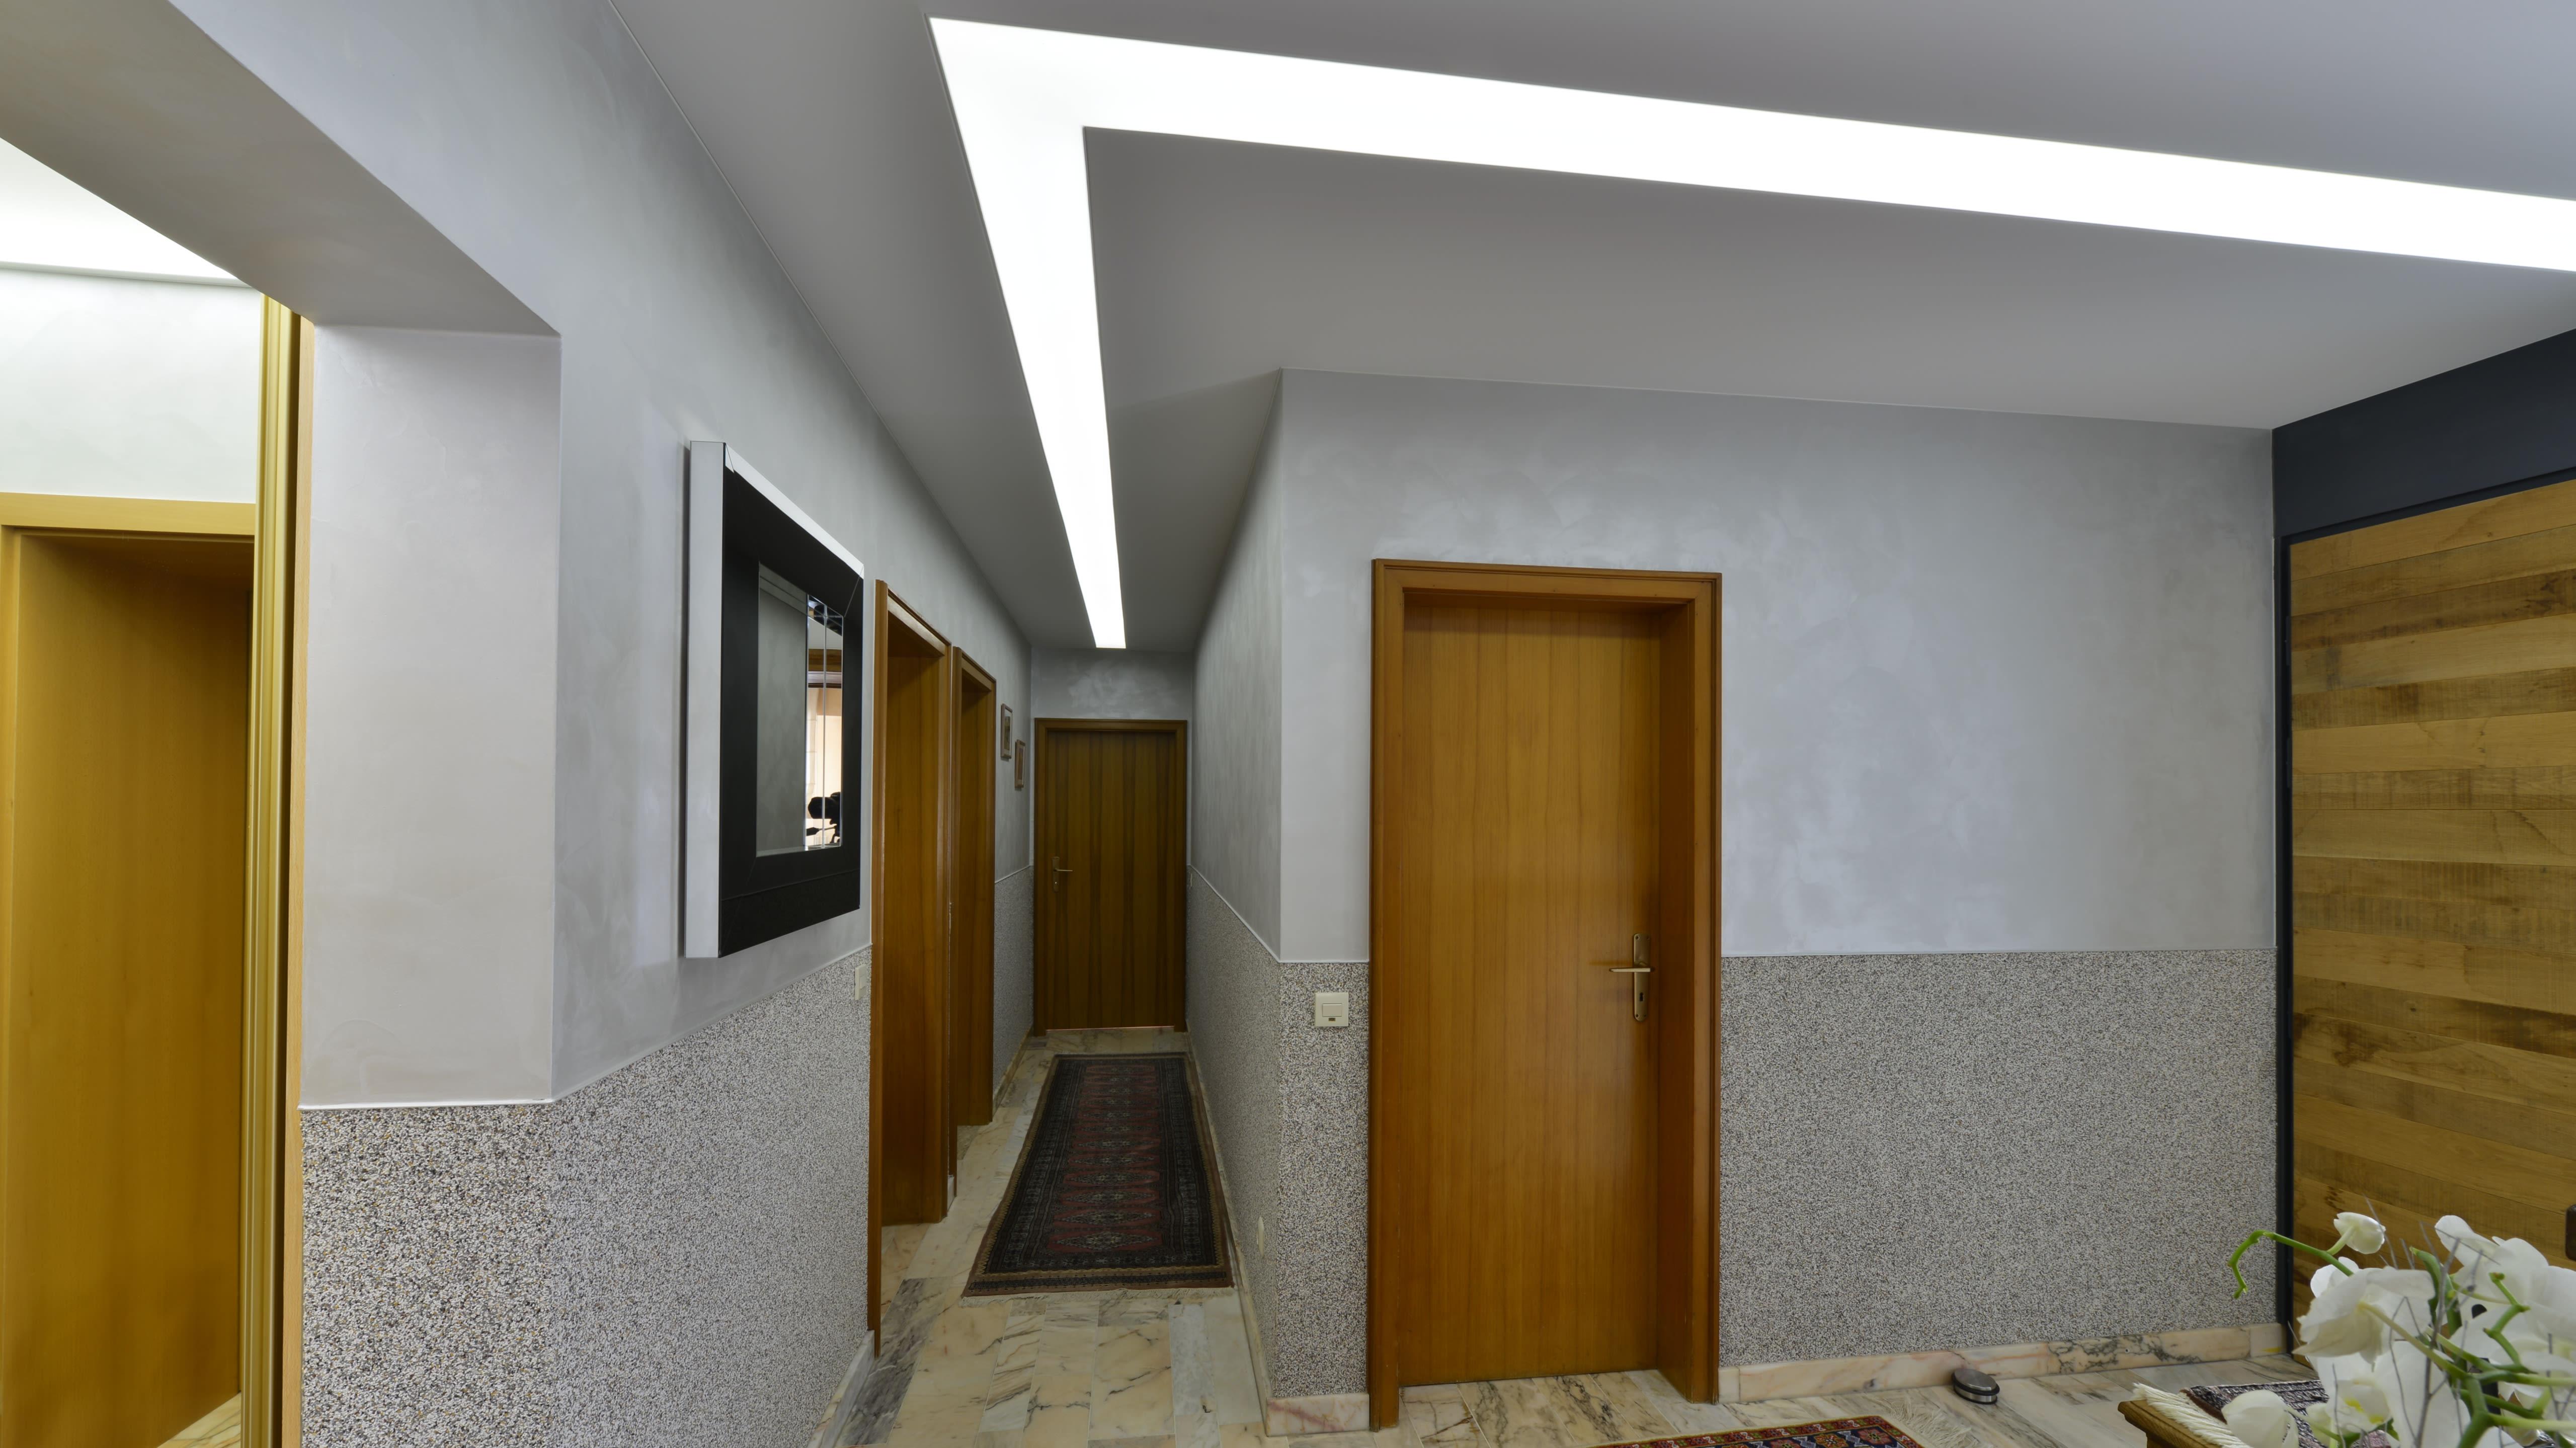 Referenzen privater Flur Eingangsbereich mit Beleuchtung